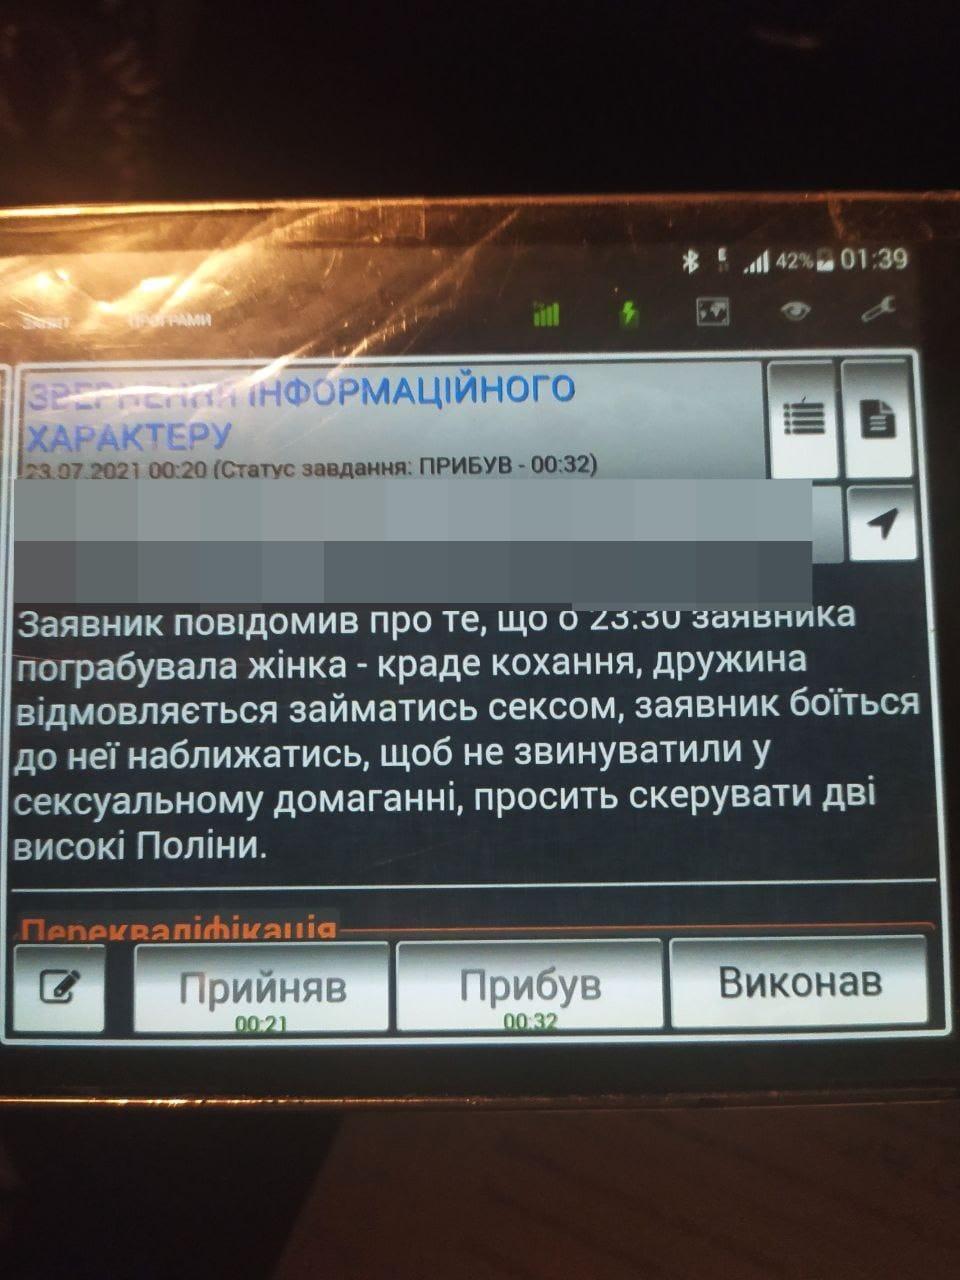 В патрульной полиции Львовской области пояснили, что они вынуждены выезжать на подобные вызовы / фото facebook.com/ Екатерина Рыбий